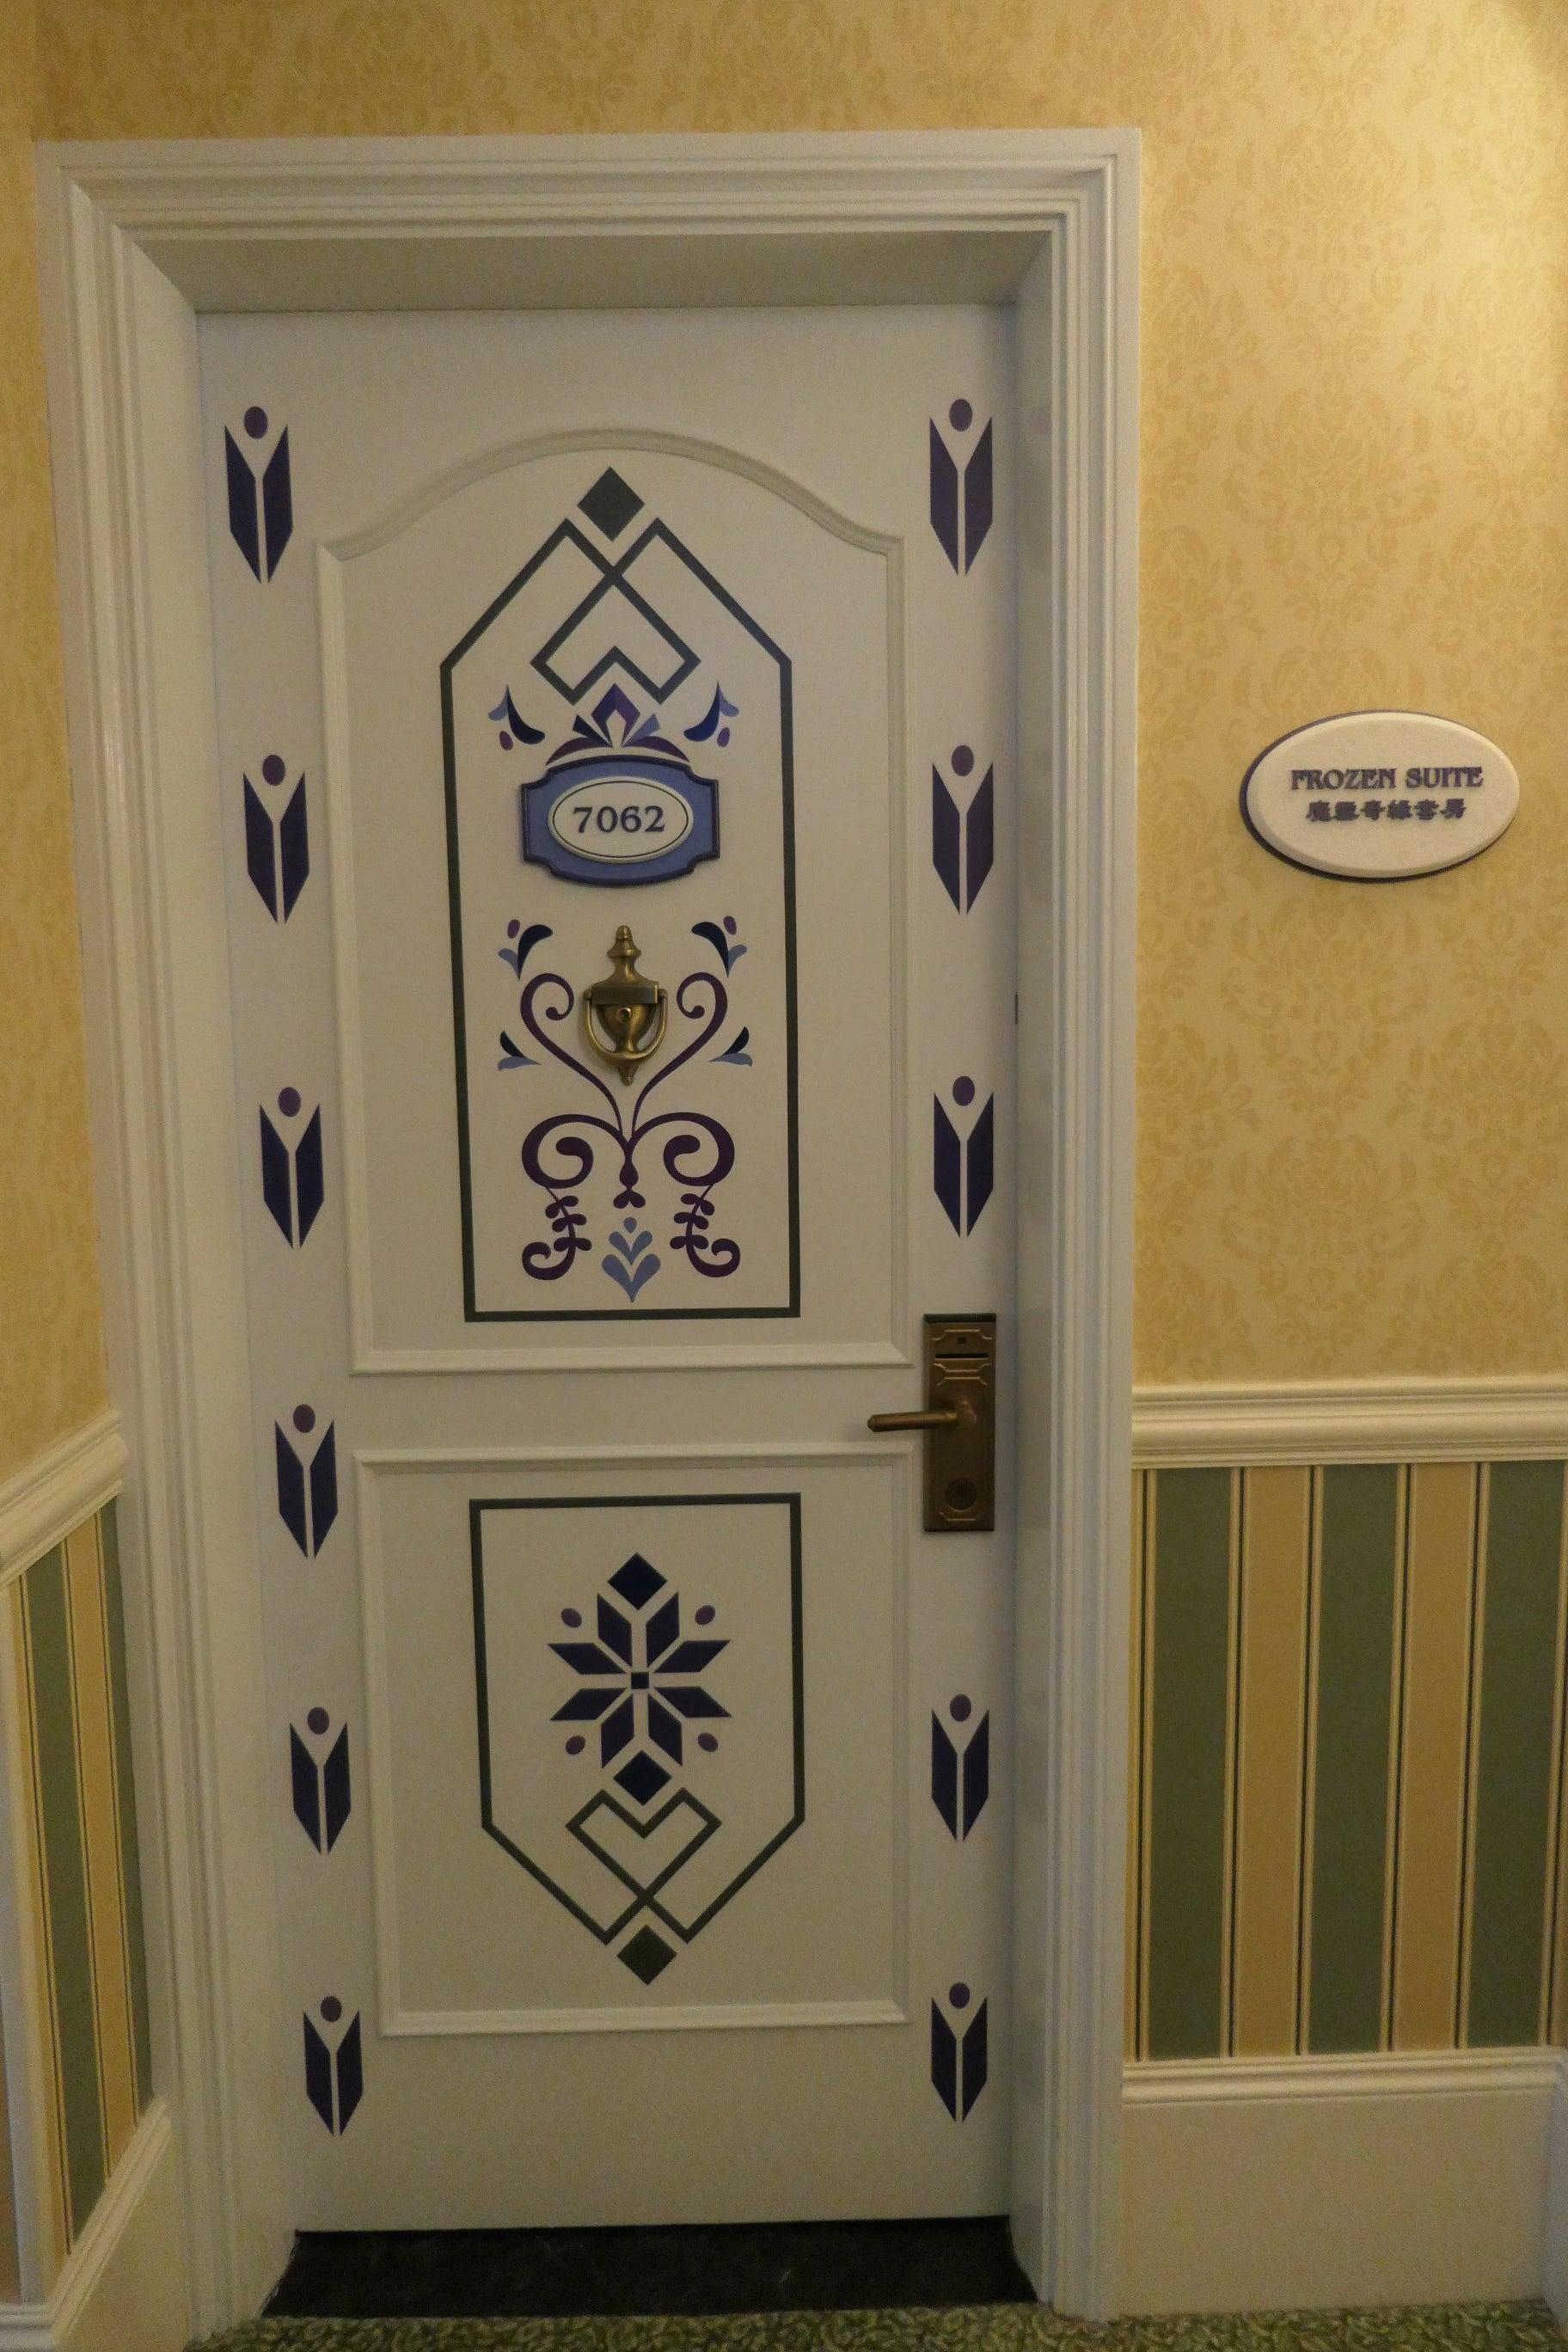 香港ディズニーランドホテル アナと雪の女王 キングダムクラブルーム